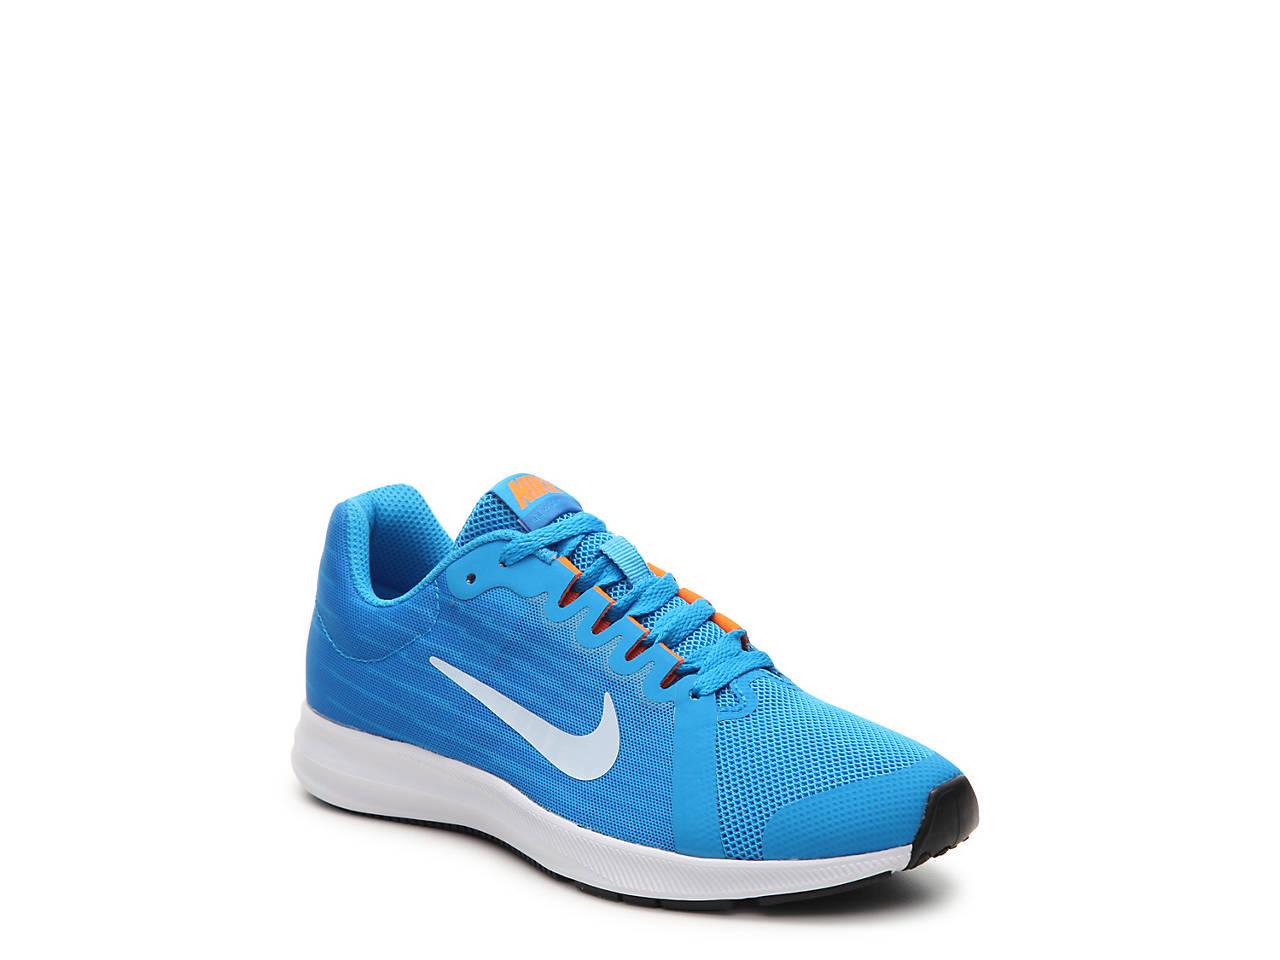 4e7df0ac2d223 Nike Downshifter 8 Youth Running Shoe Kids Shoes